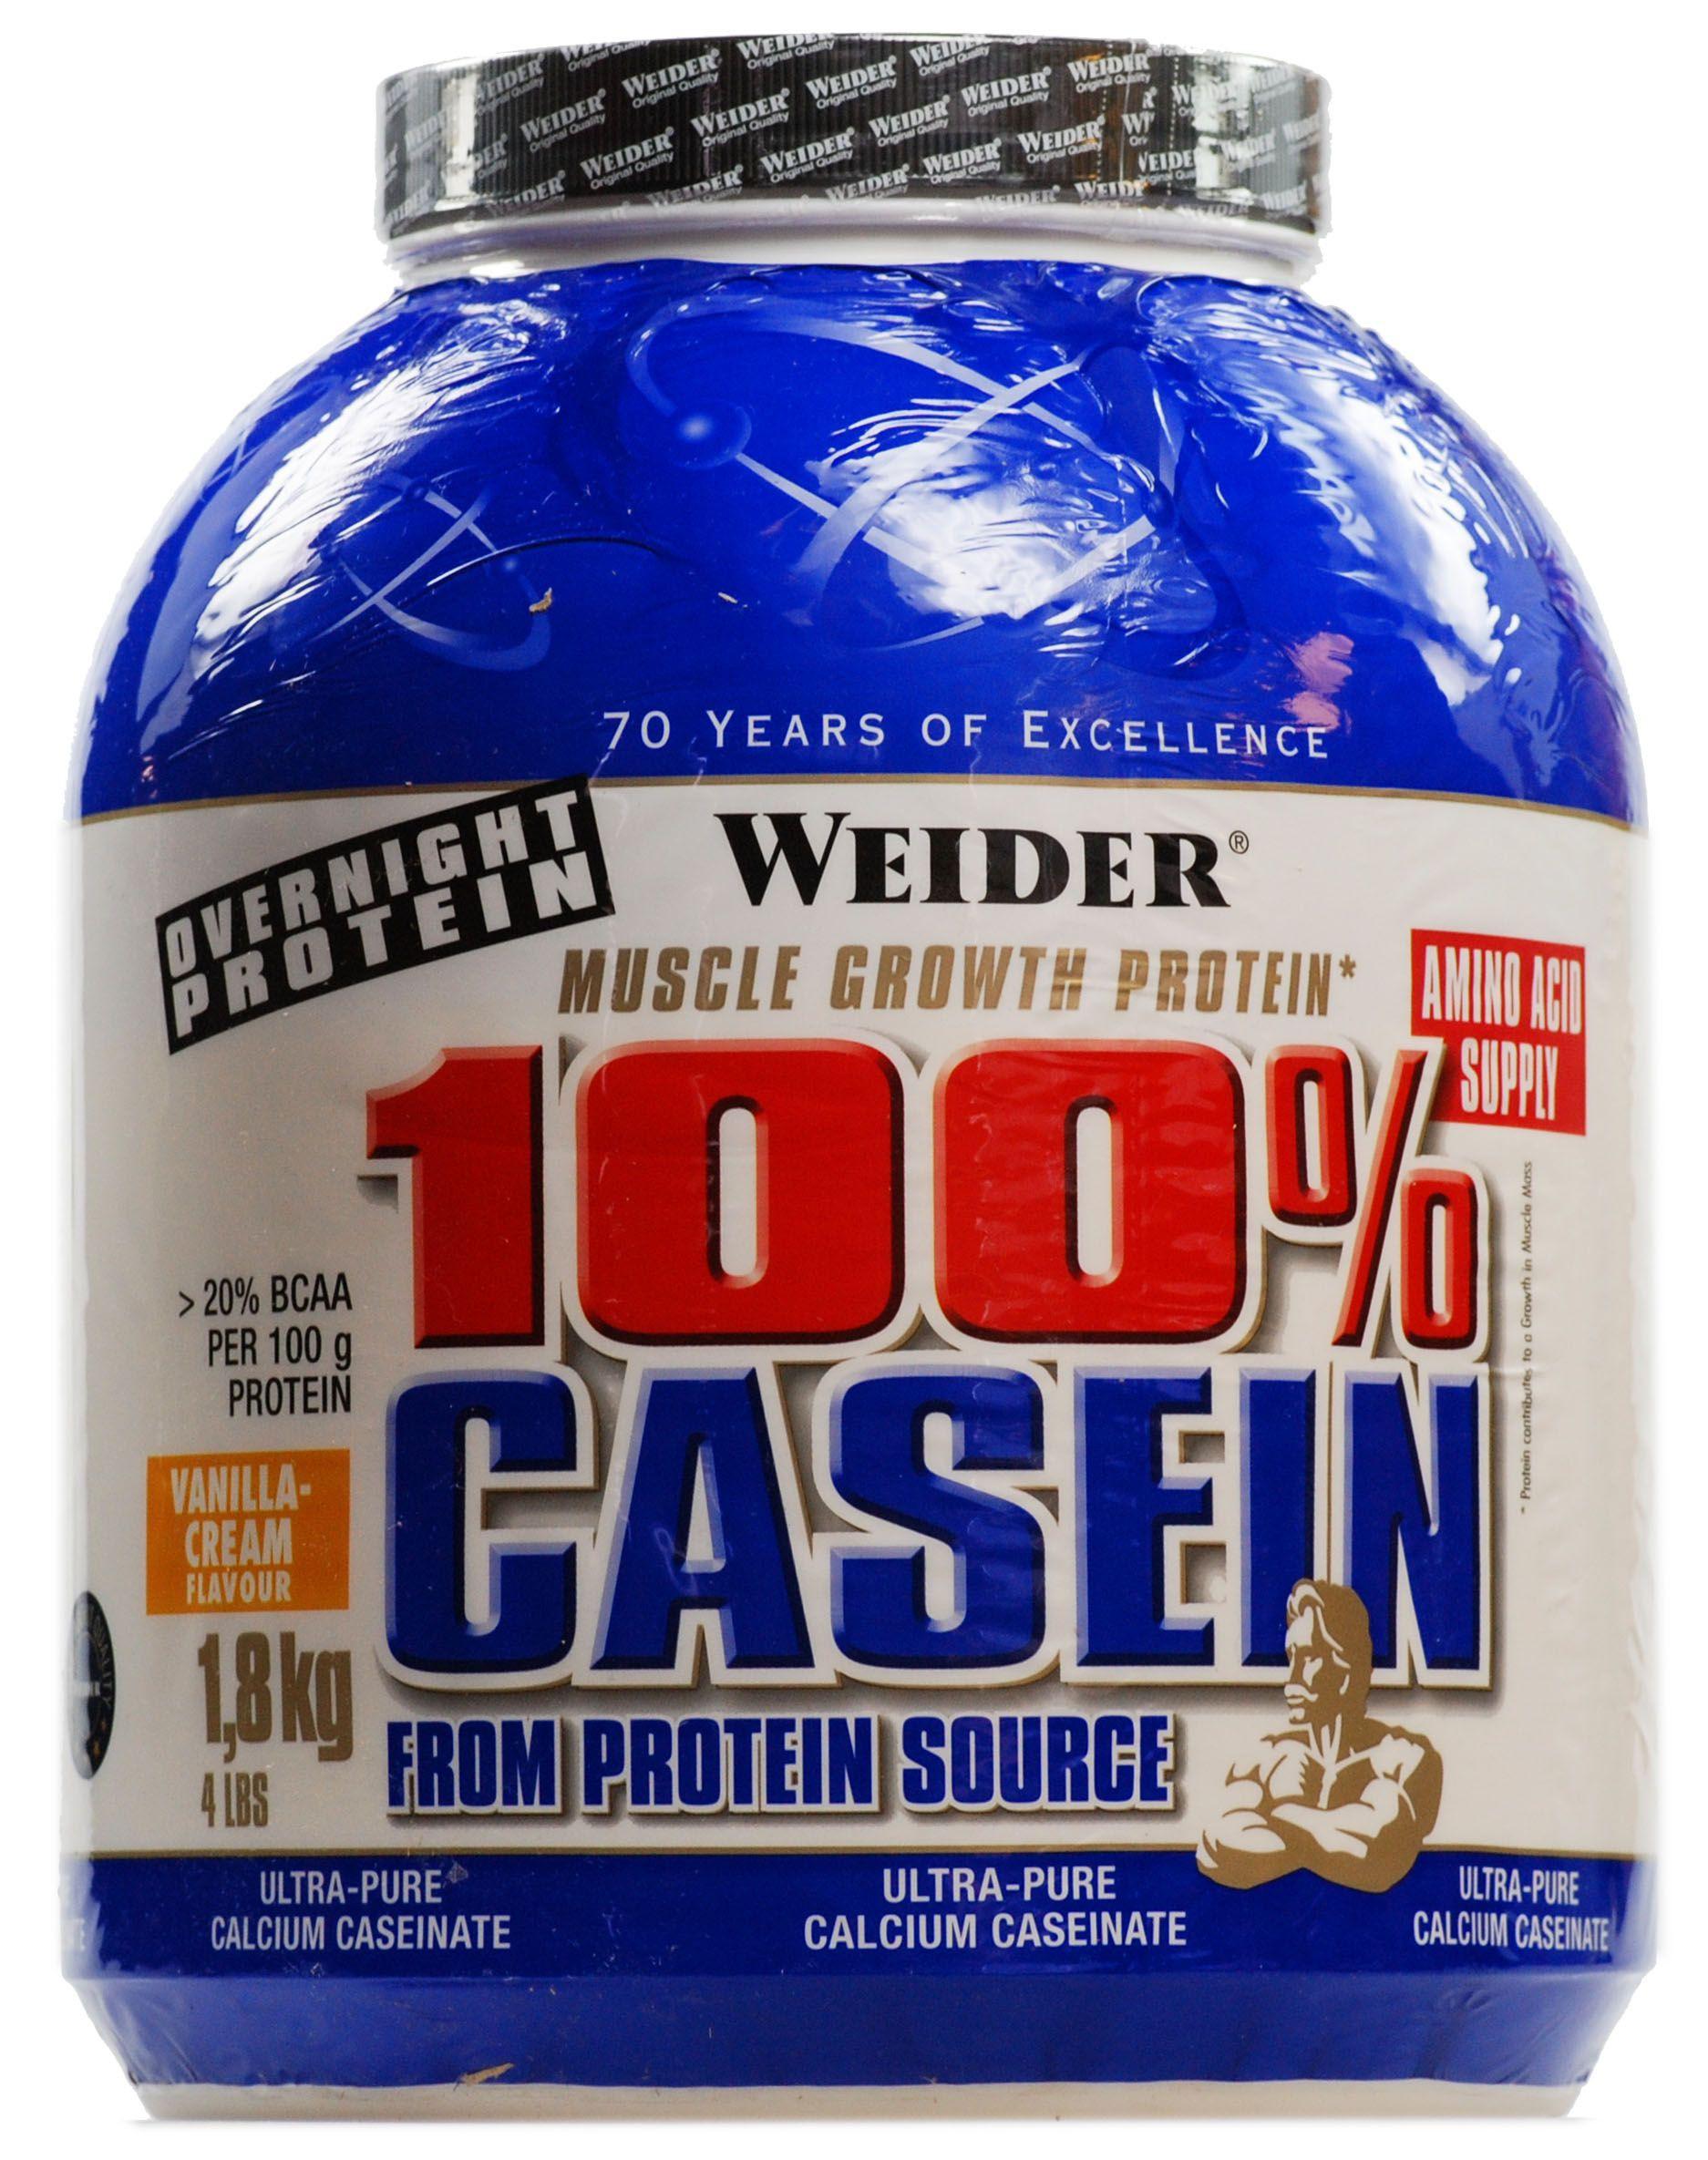 100% Casein 1800g - Weider